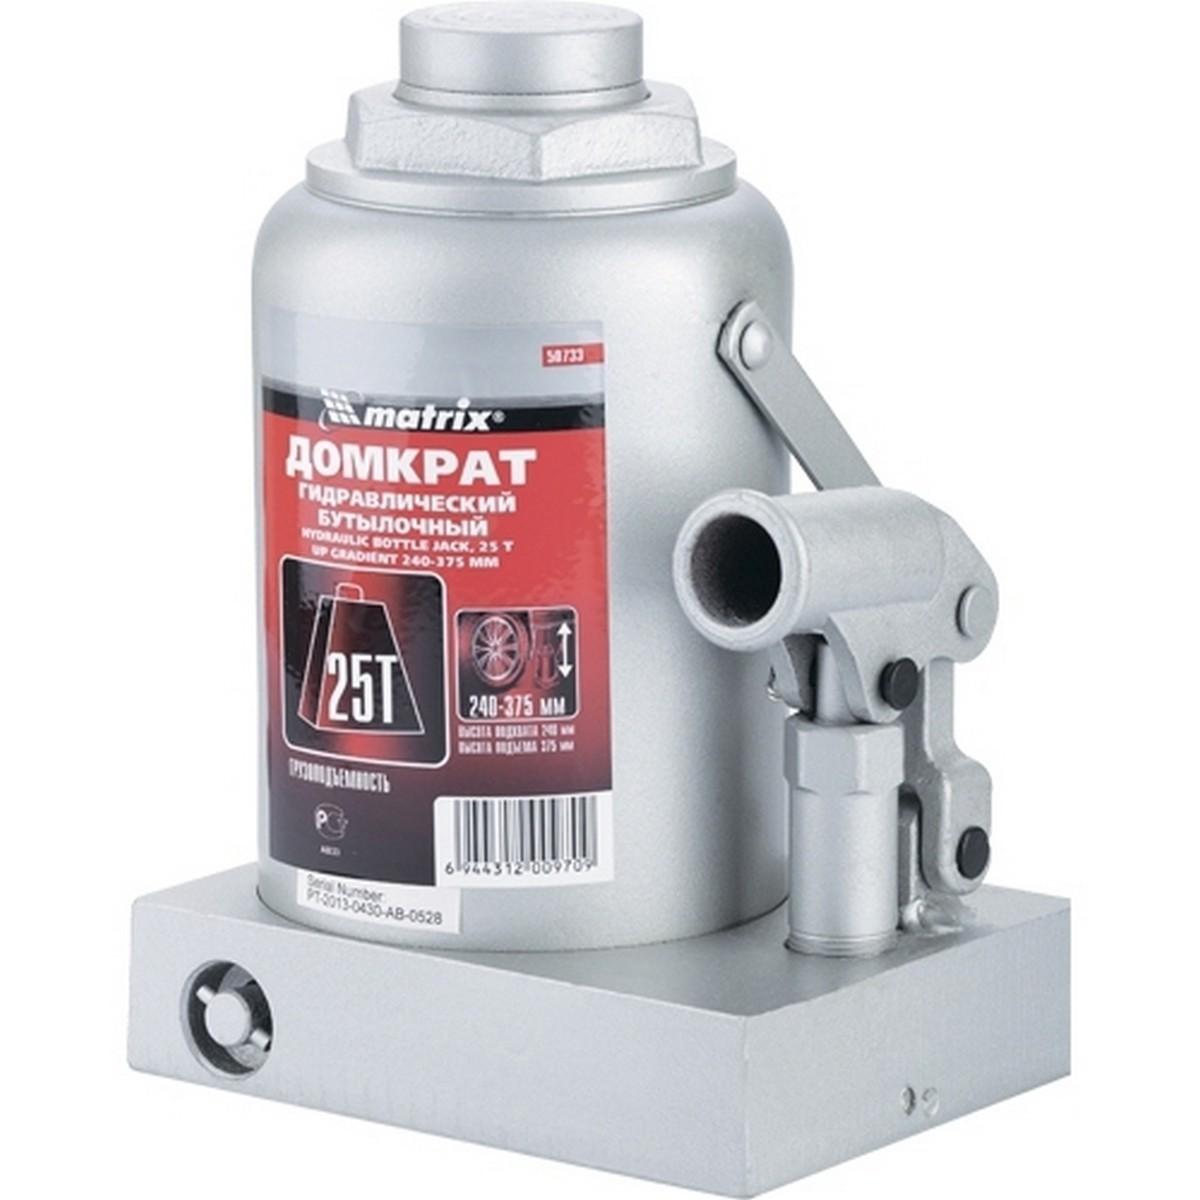 Домкрат гидравлический бутылочный 25т h240-375мм Matrix 50733